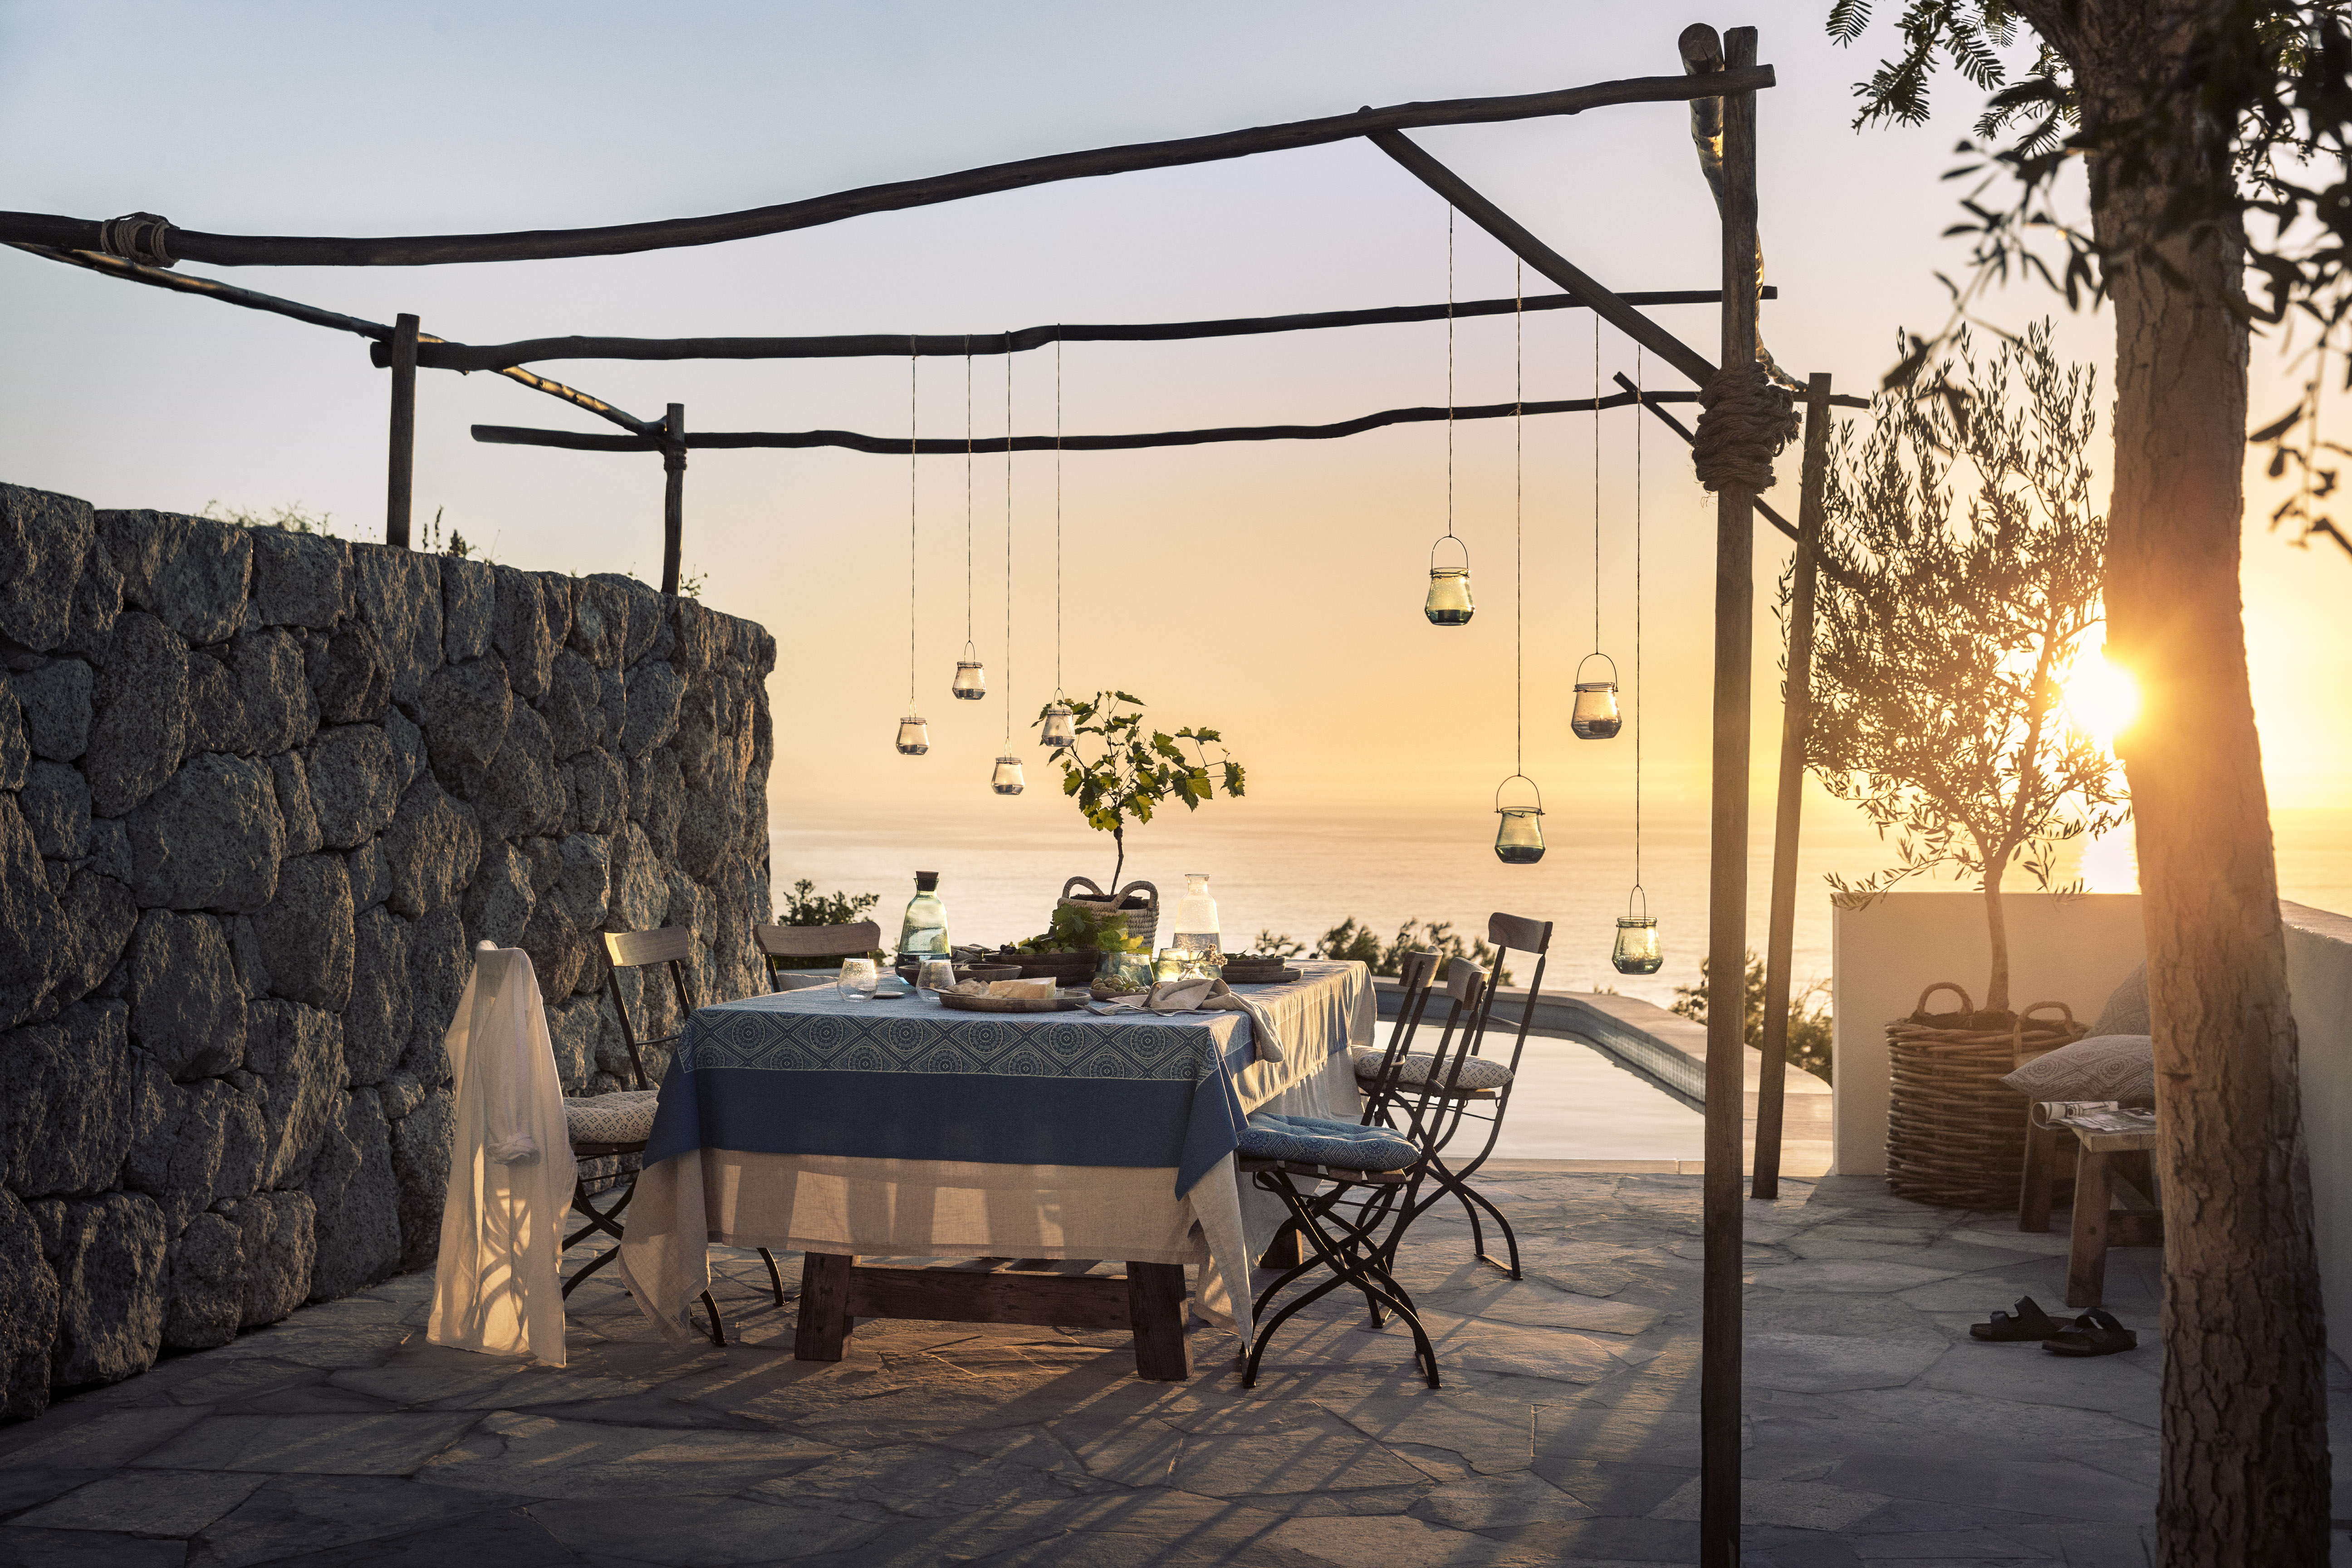 Urok greckich wysp | The charm of the Greek islands